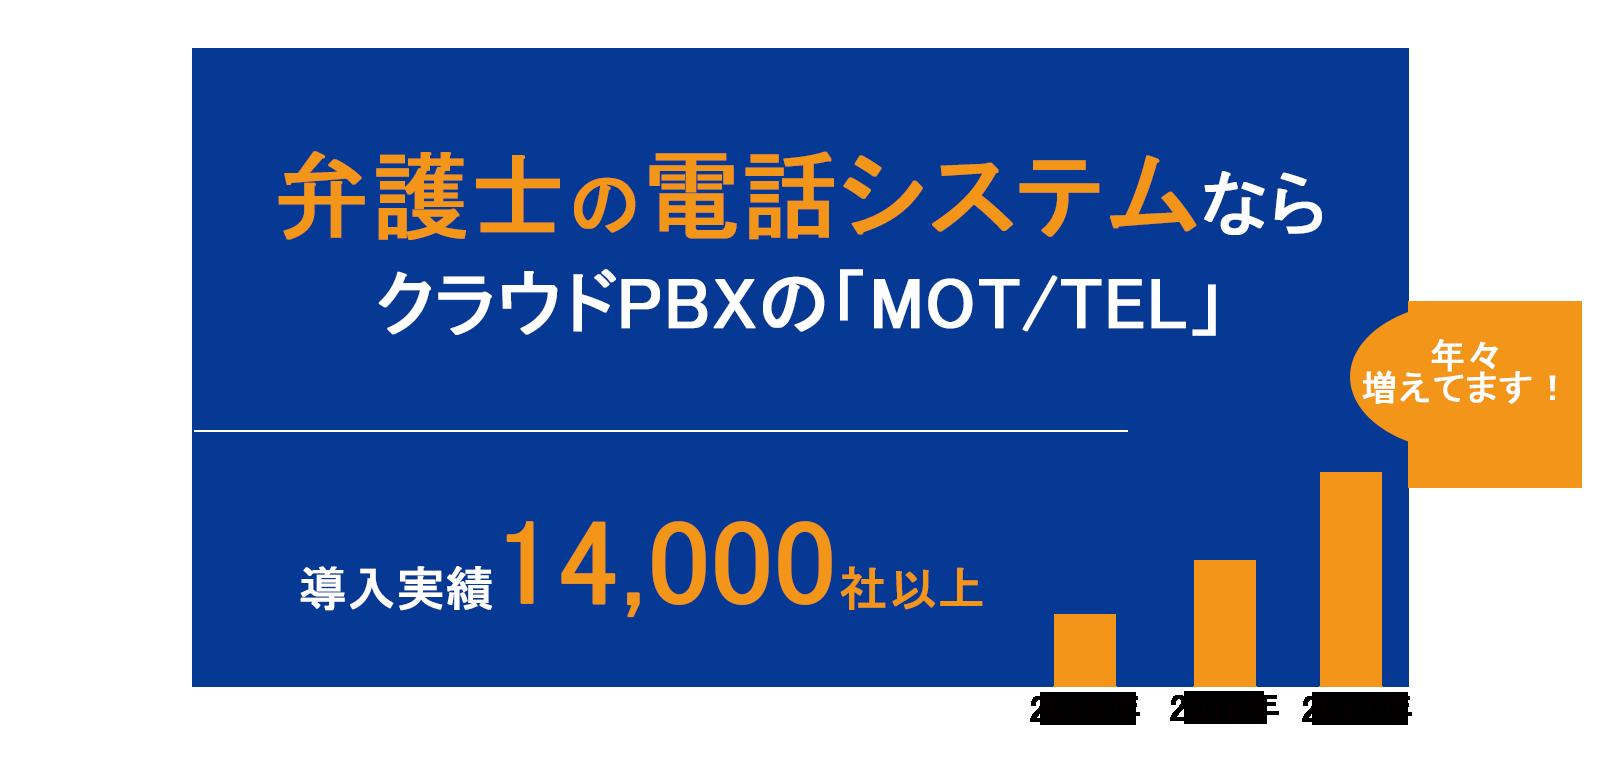 弁護士の電話システムならクラウドPBX「MOT/TEL」